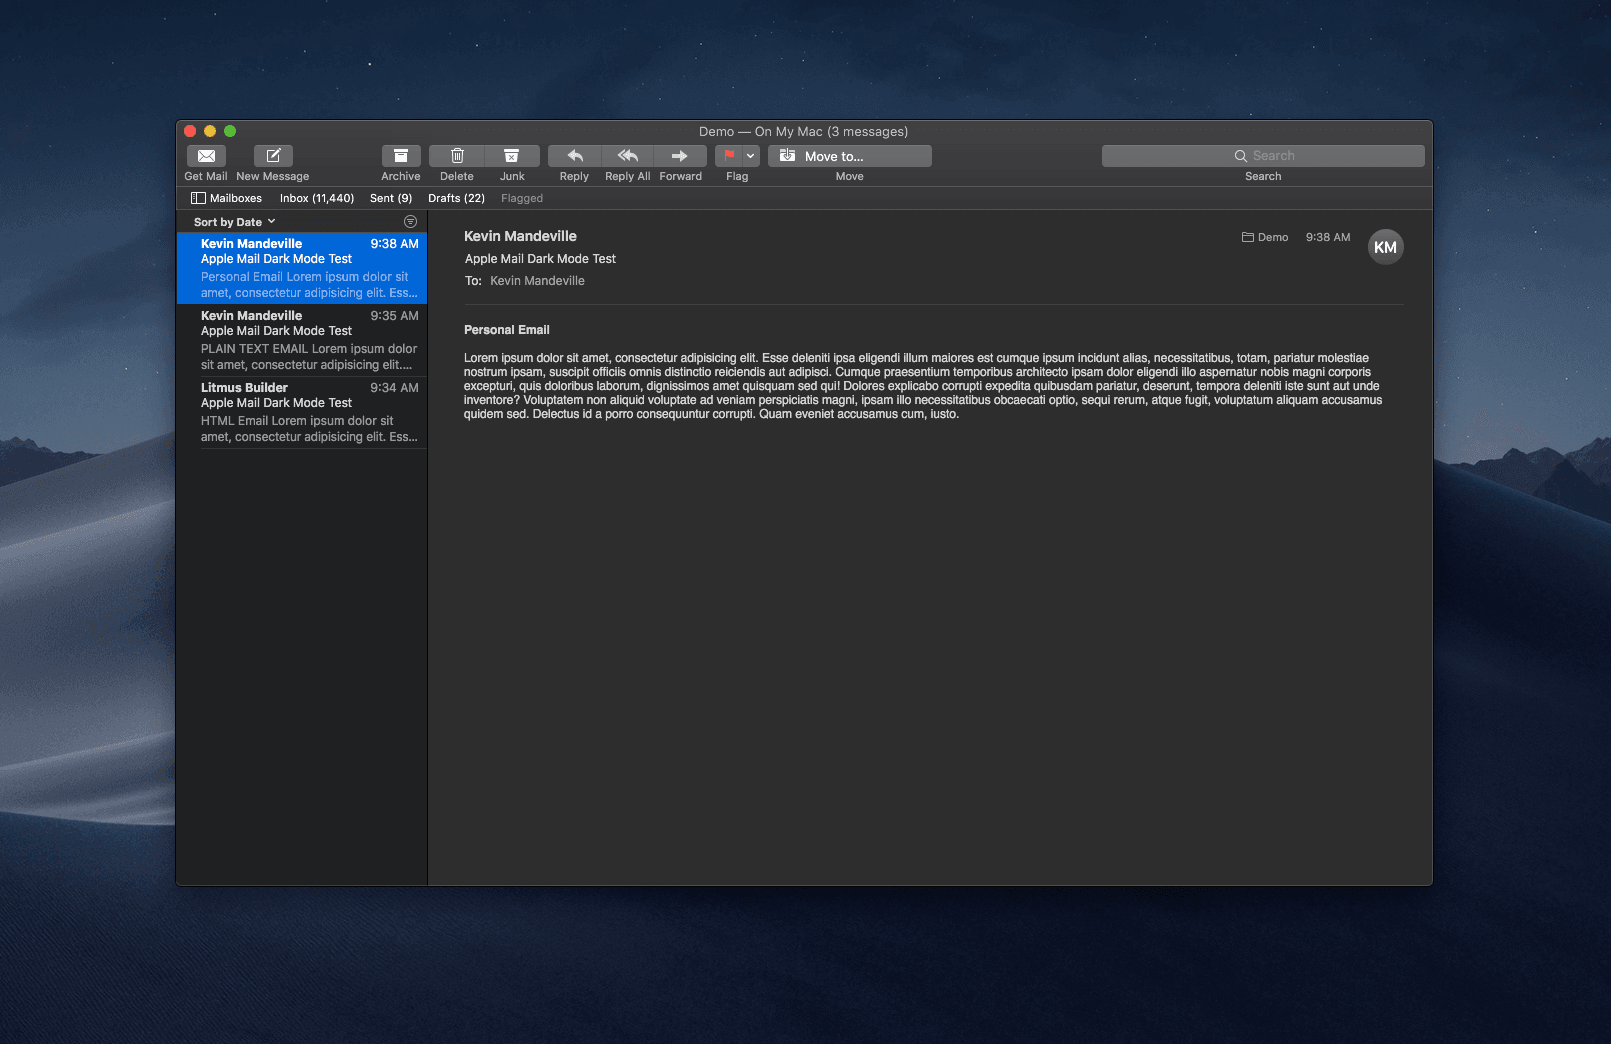 Apple Mail in Dark Mode